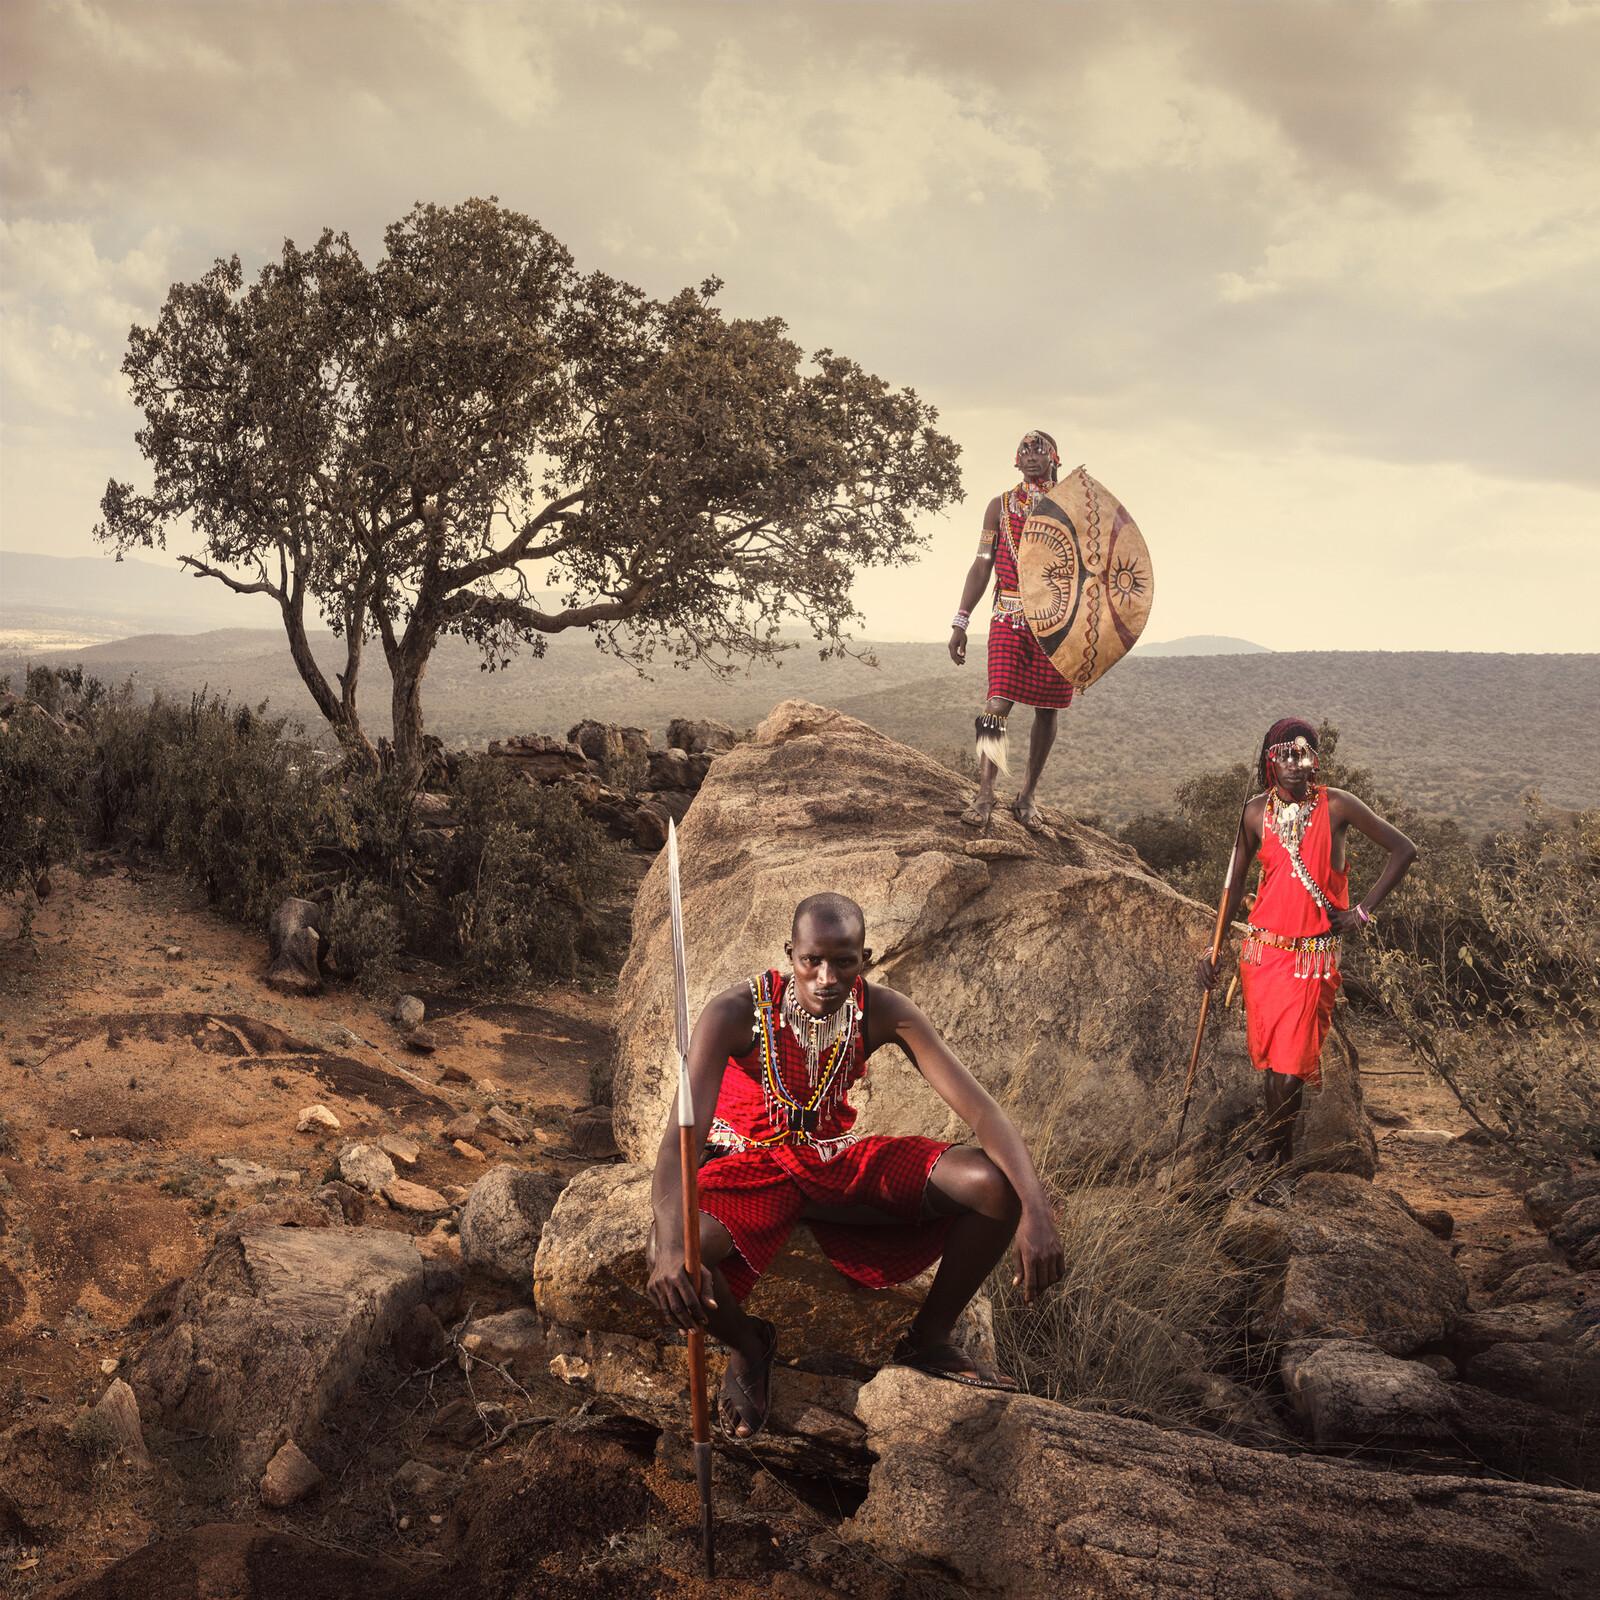 Maasai IV - Daniel Kordan